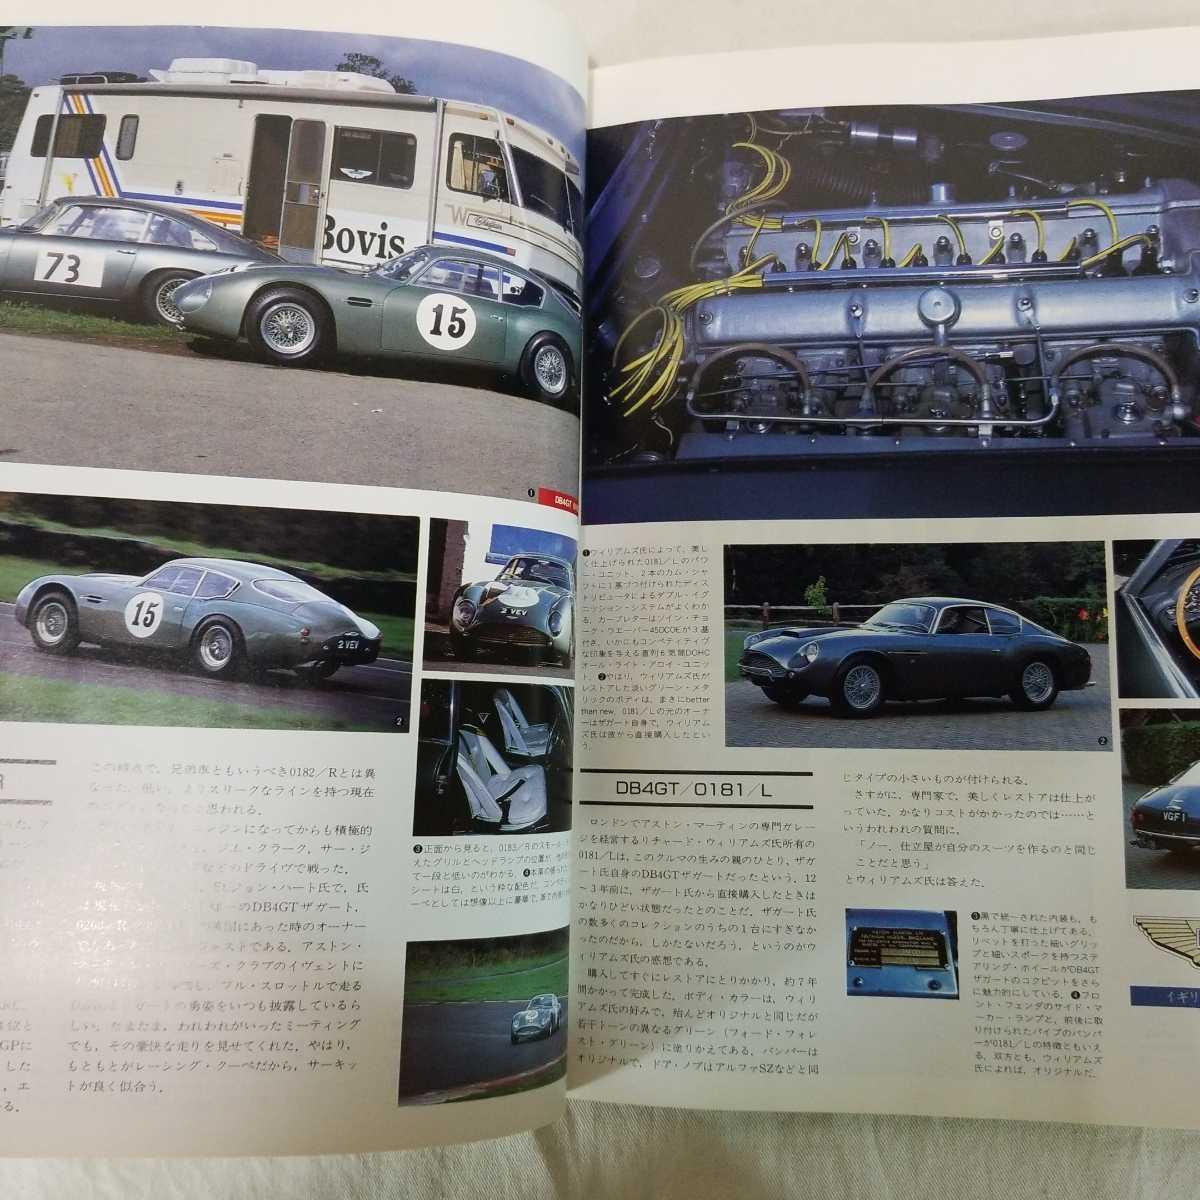 スクランブル・カー・マガジン SCRAMBLE CAR MAGAZINE 71 1986年1月号 ポルシェ ジャガー ヴィンテージ フェラーリ ベンツ_画像5